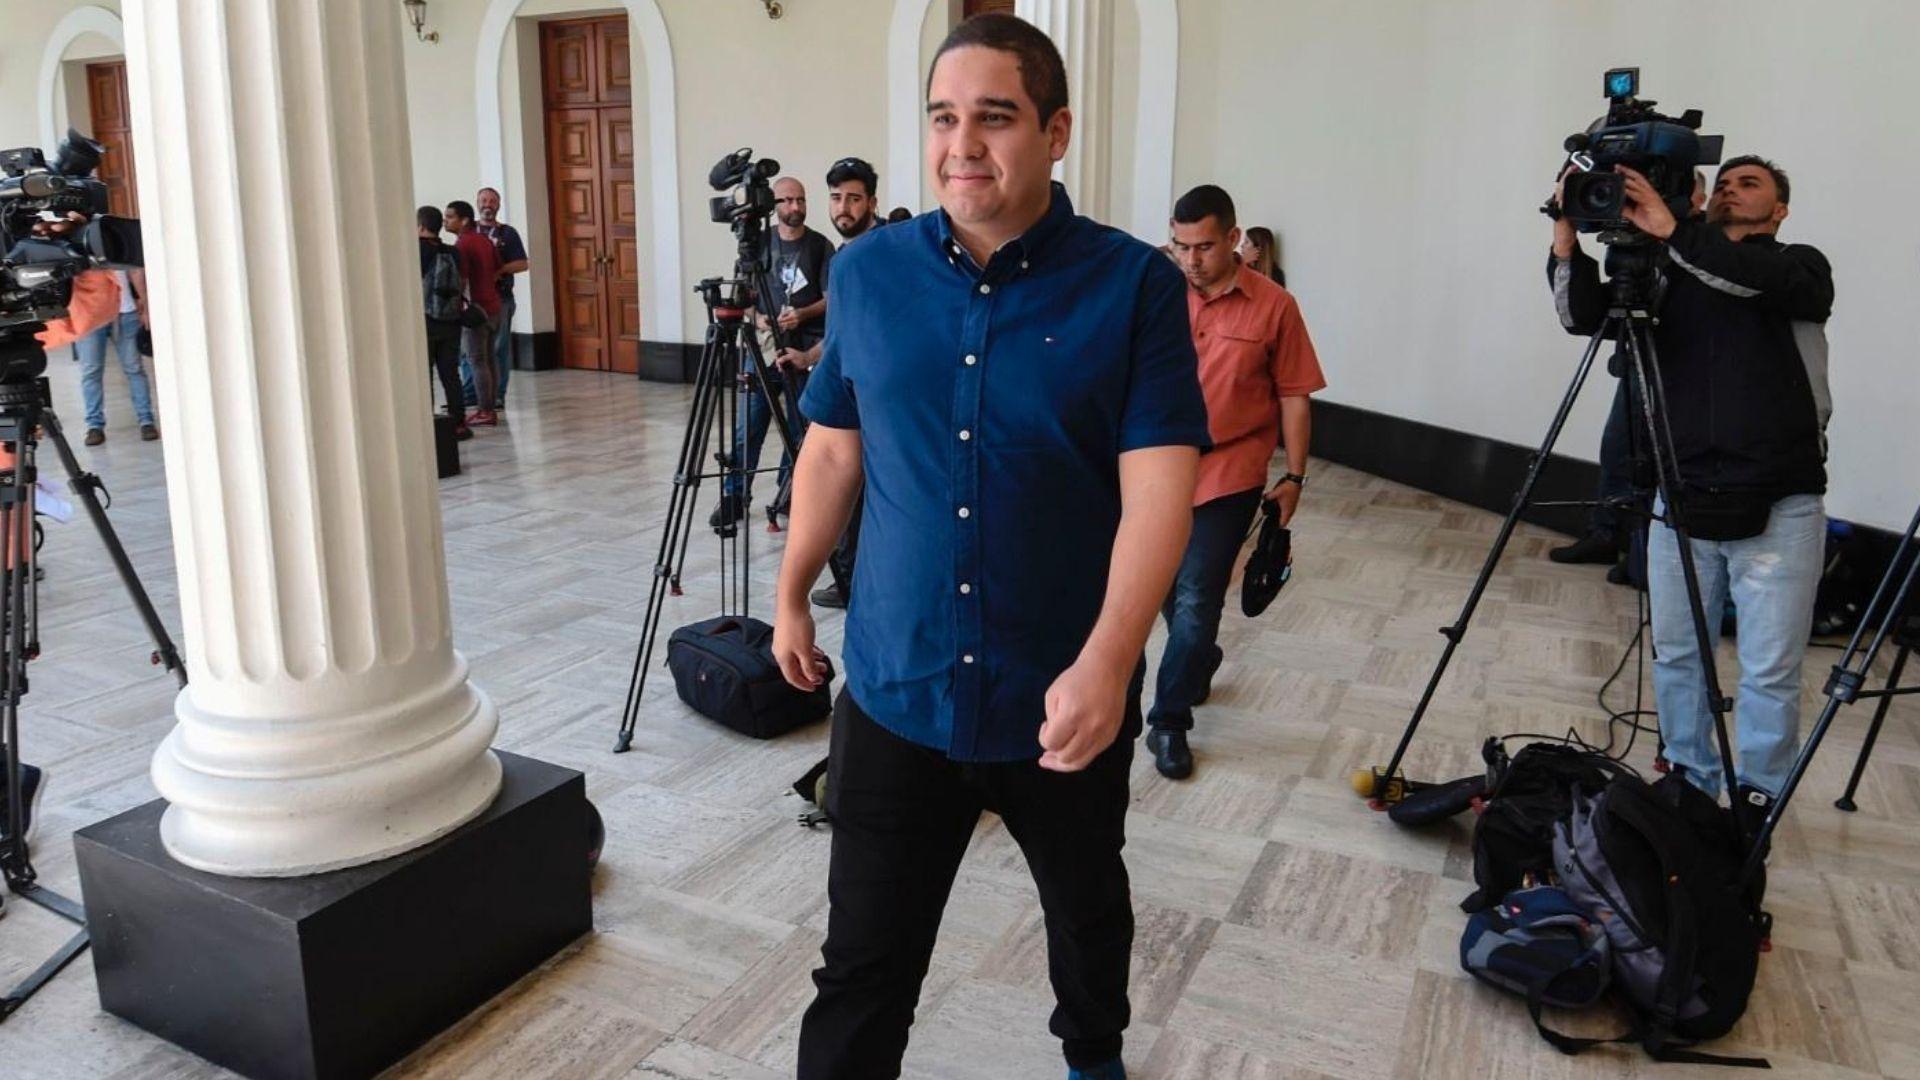 EEUU sancionó a los hermanos Morón Hernández por apoyo a Nicolasito y actividades de corrupción